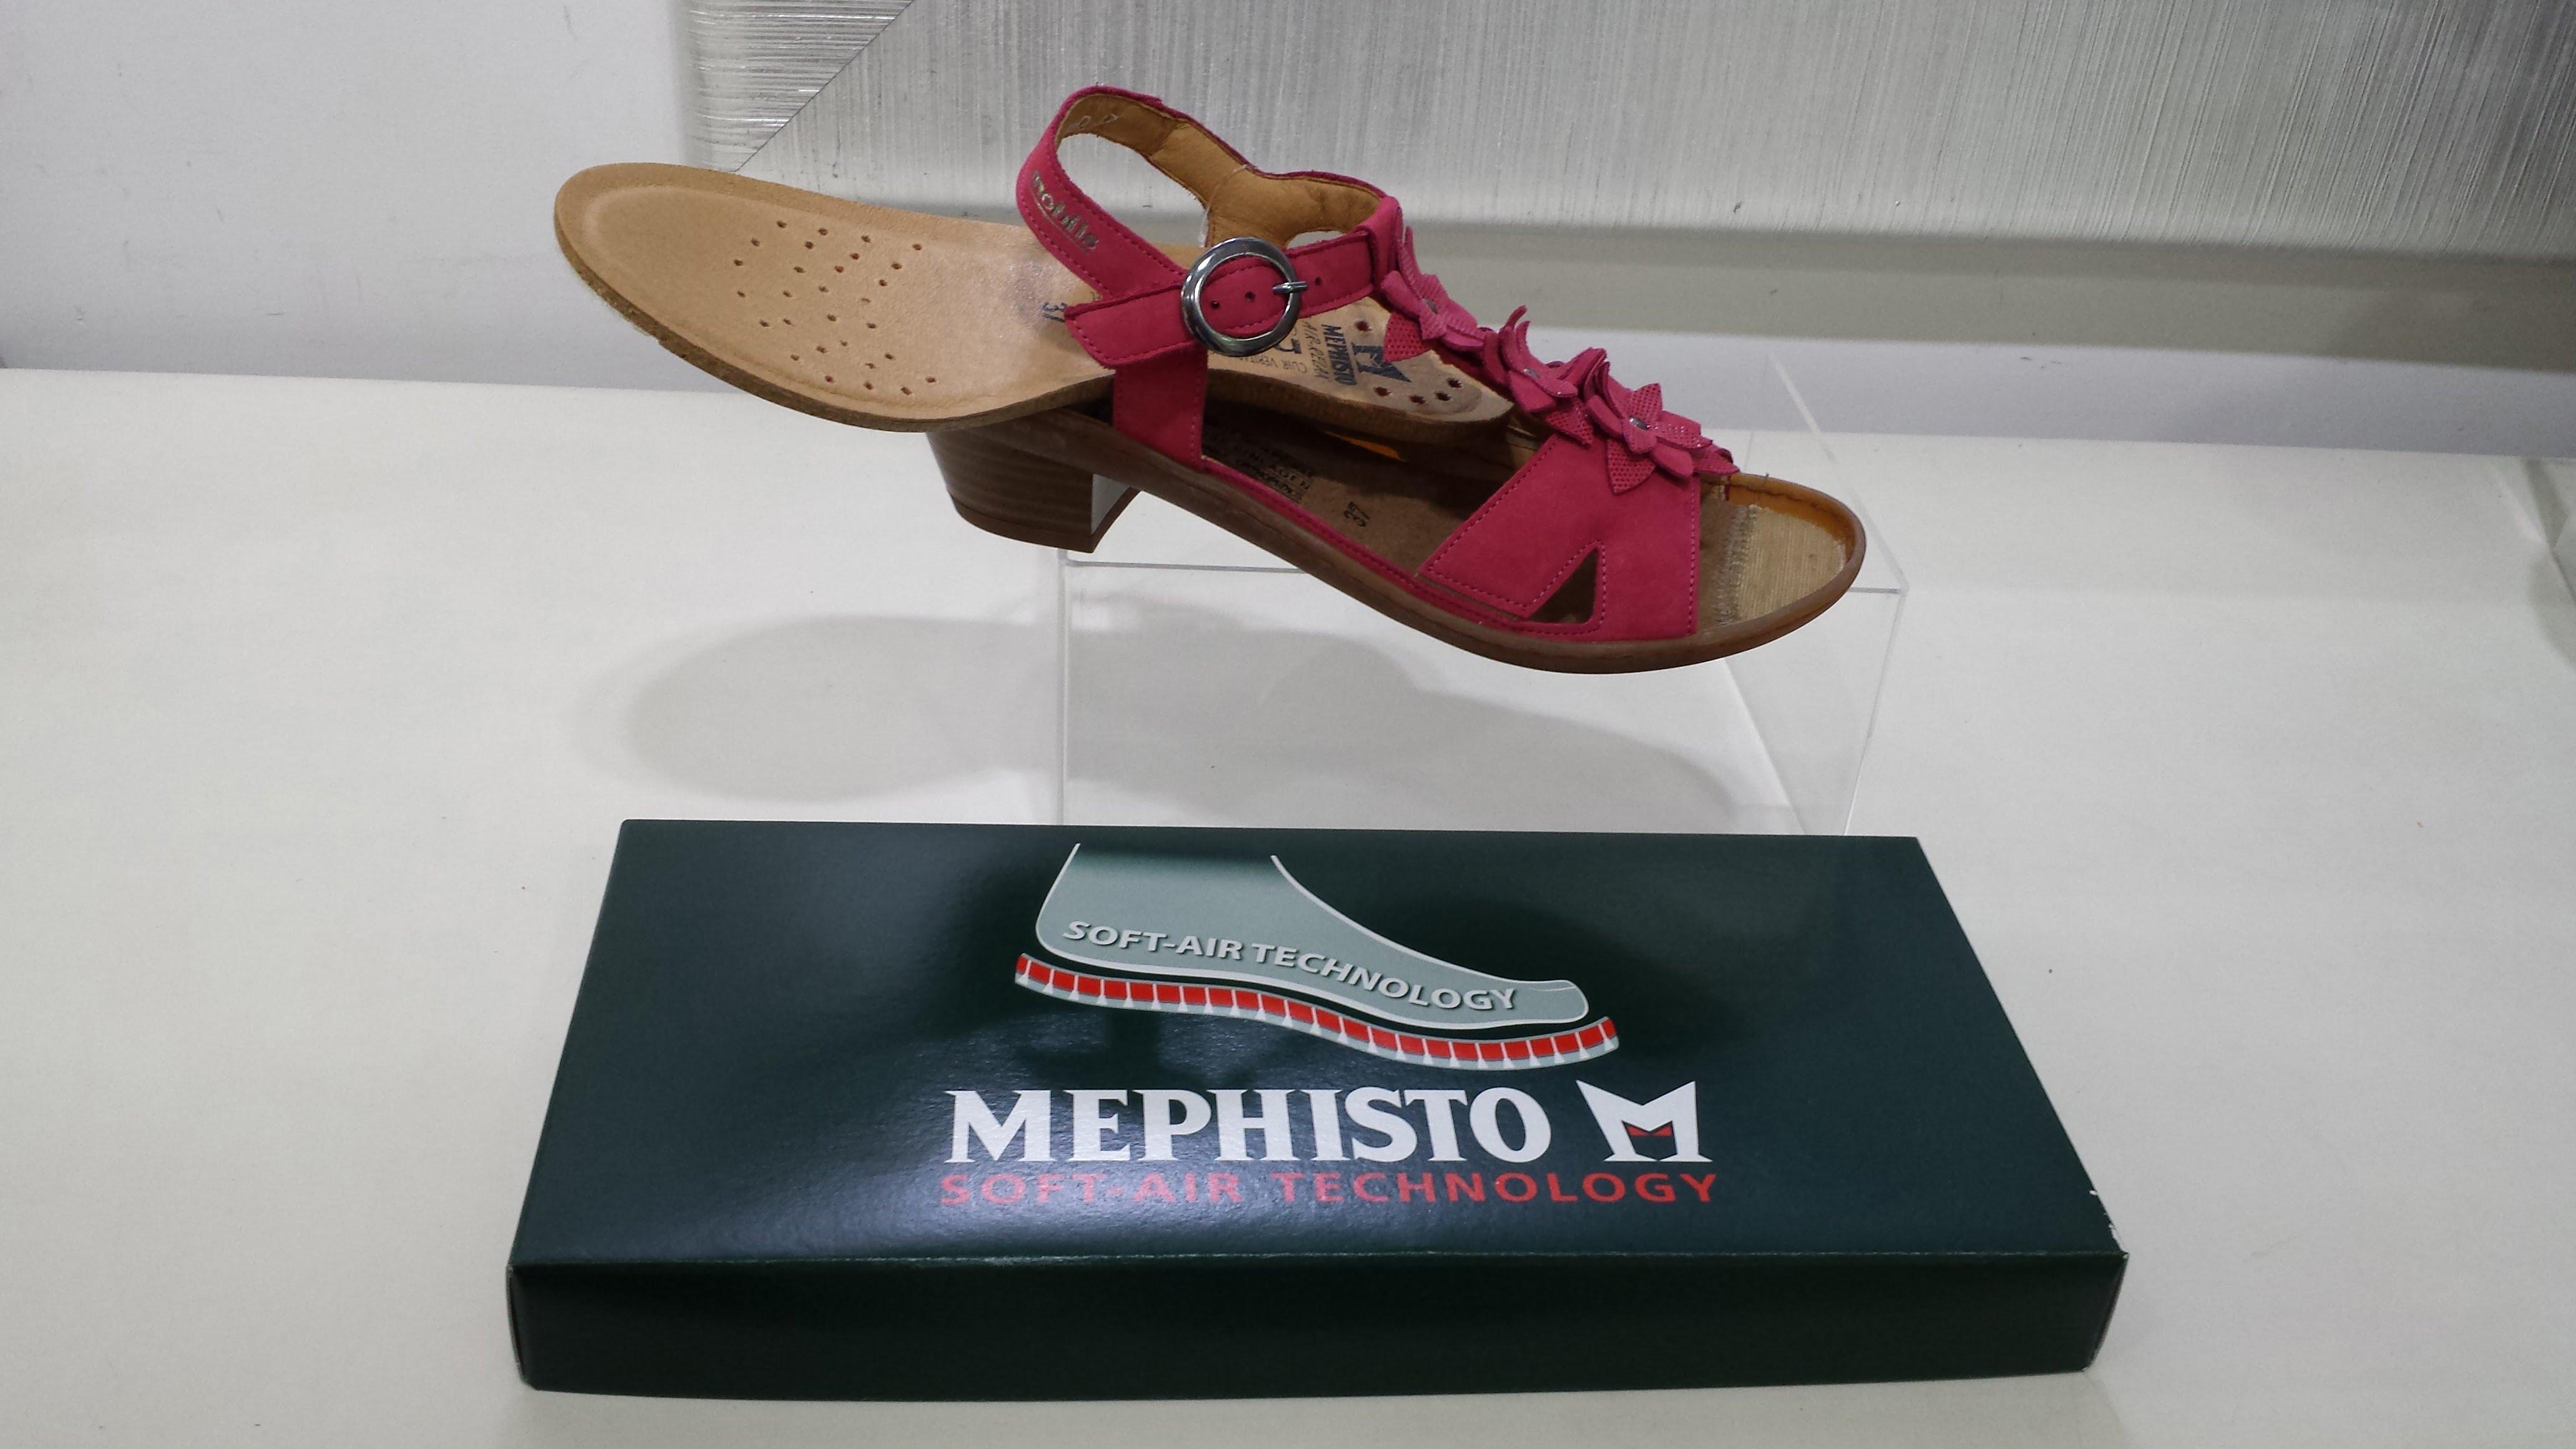 Fatiga Mephisto Recomendado Contra Calzado La El Dé 0qARAxv76w 61241a8ee14